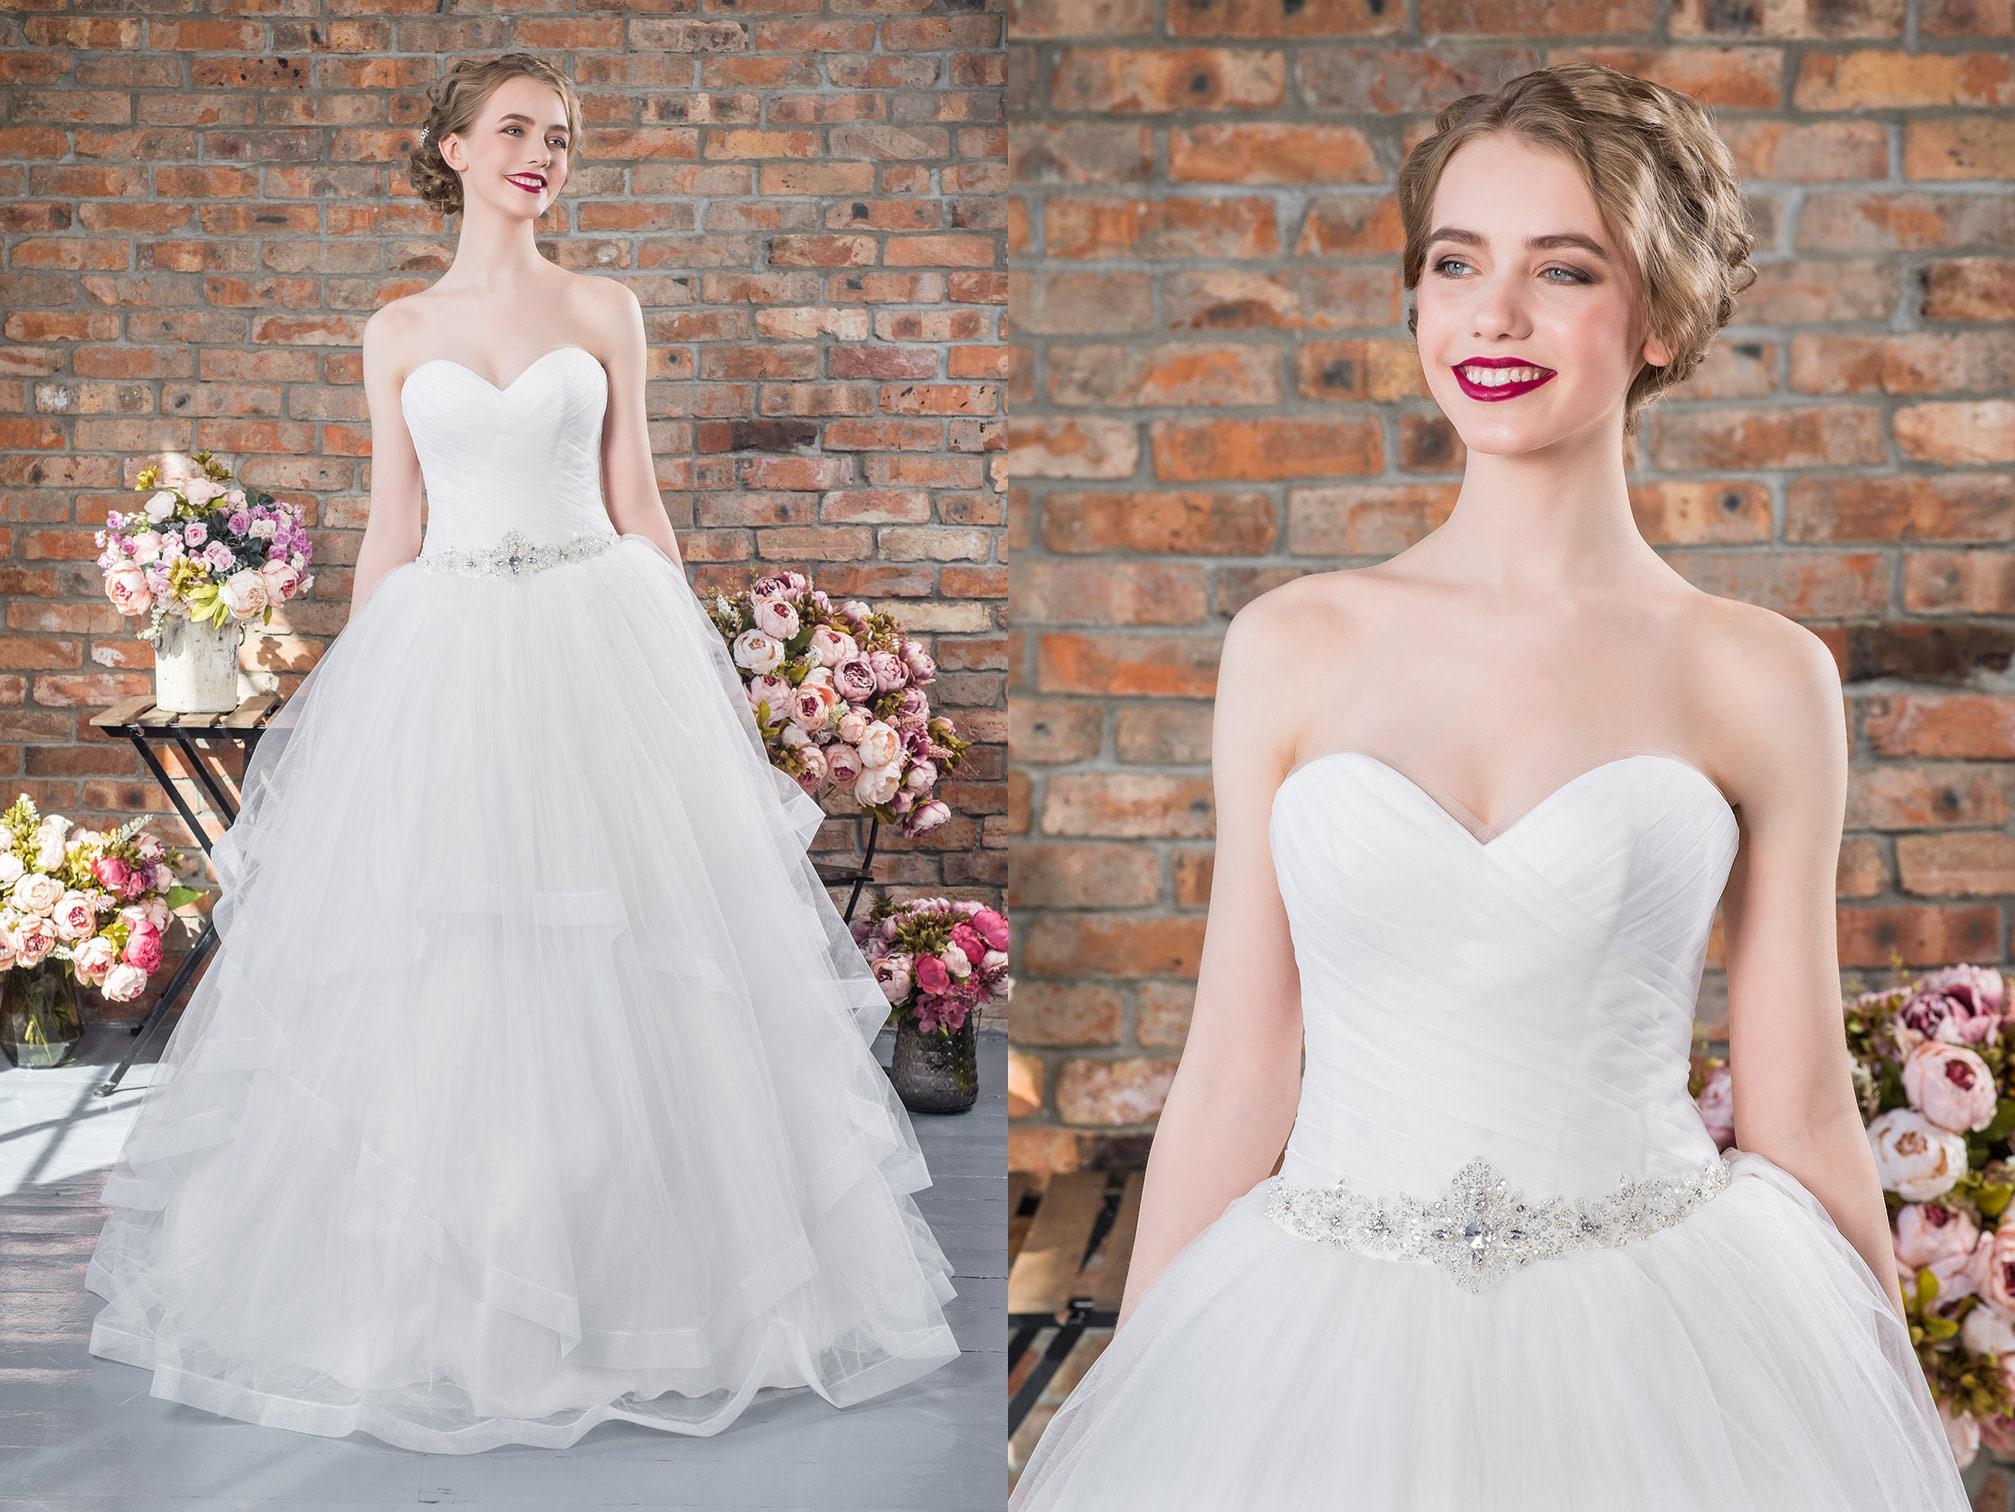 Ruffle Ball Gown Wedding Dress: Strapless Ball Gown Boho Wedding Dress Chiffon Ruffled